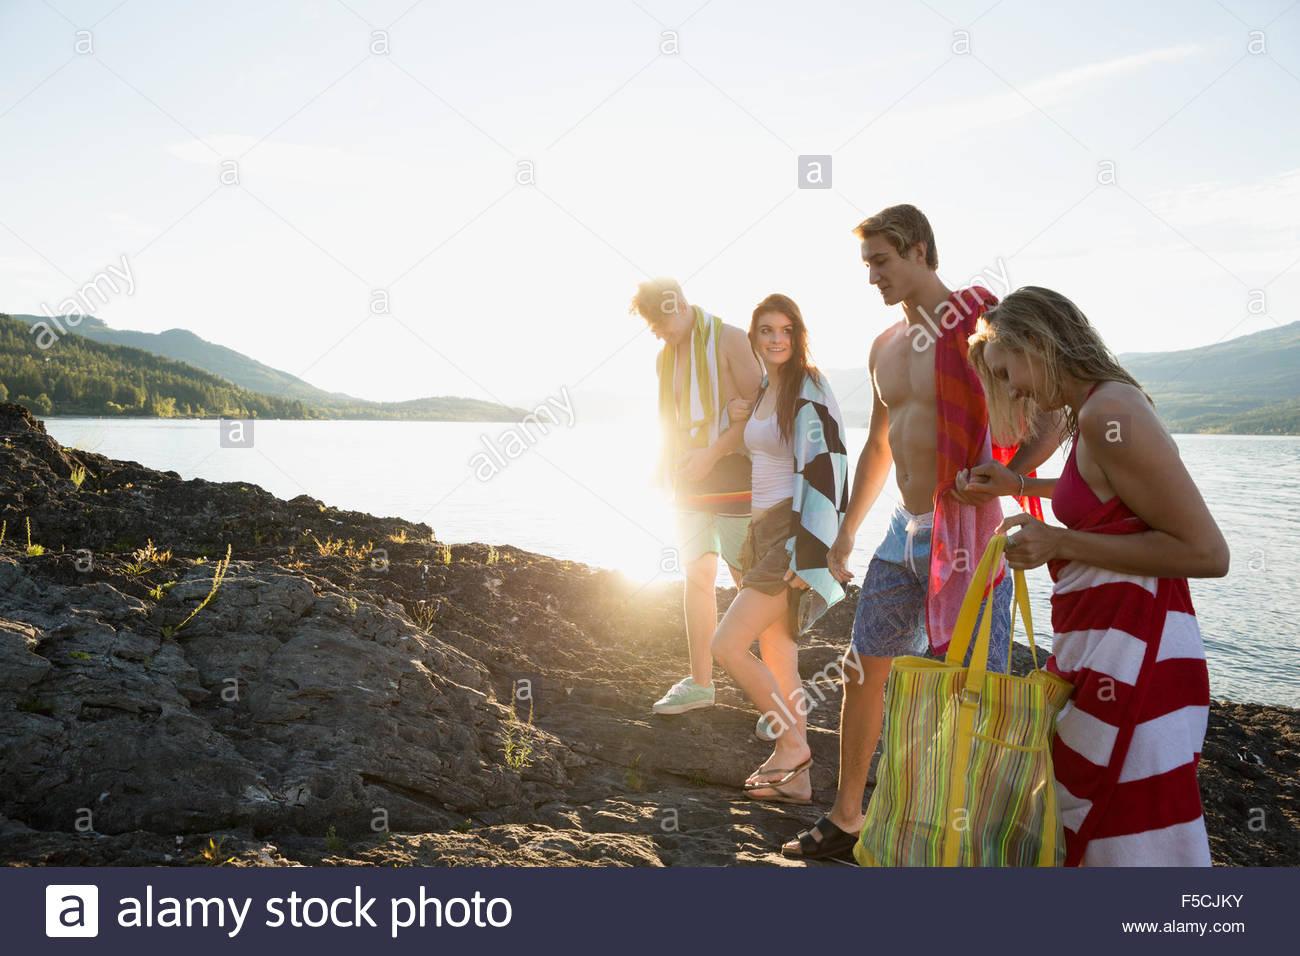 Jeunes amis avec serviettes sur les rochers à Lakeside Banque D'Images